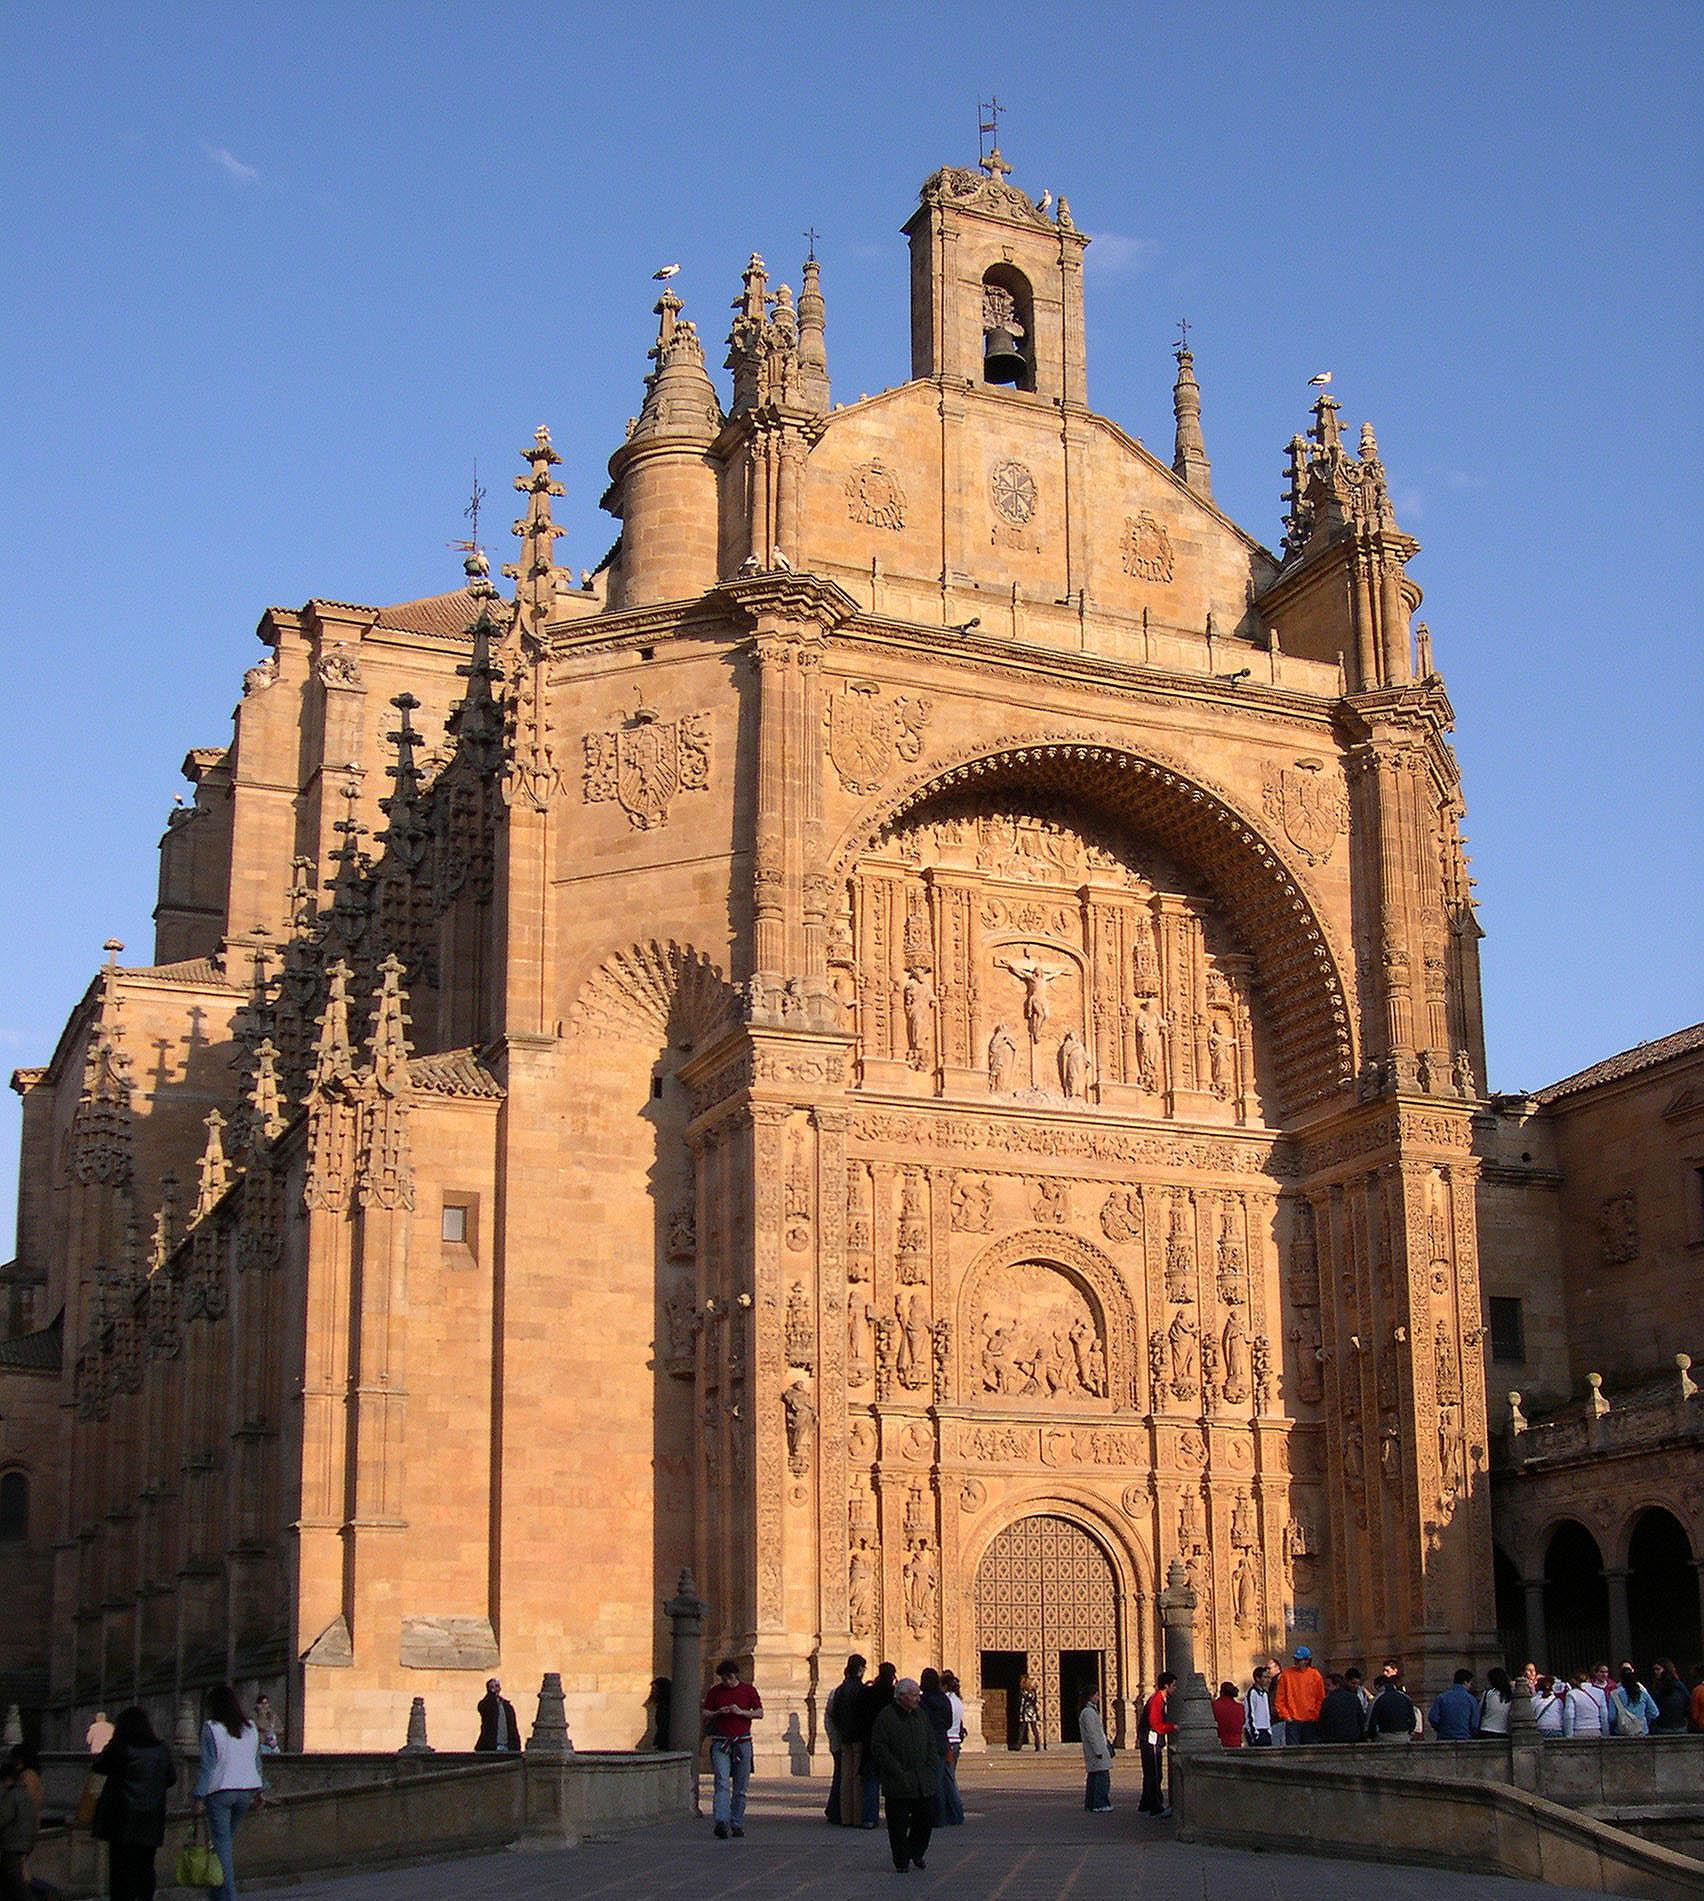 Convento de San Esteban, Salamanca - Wikipedia